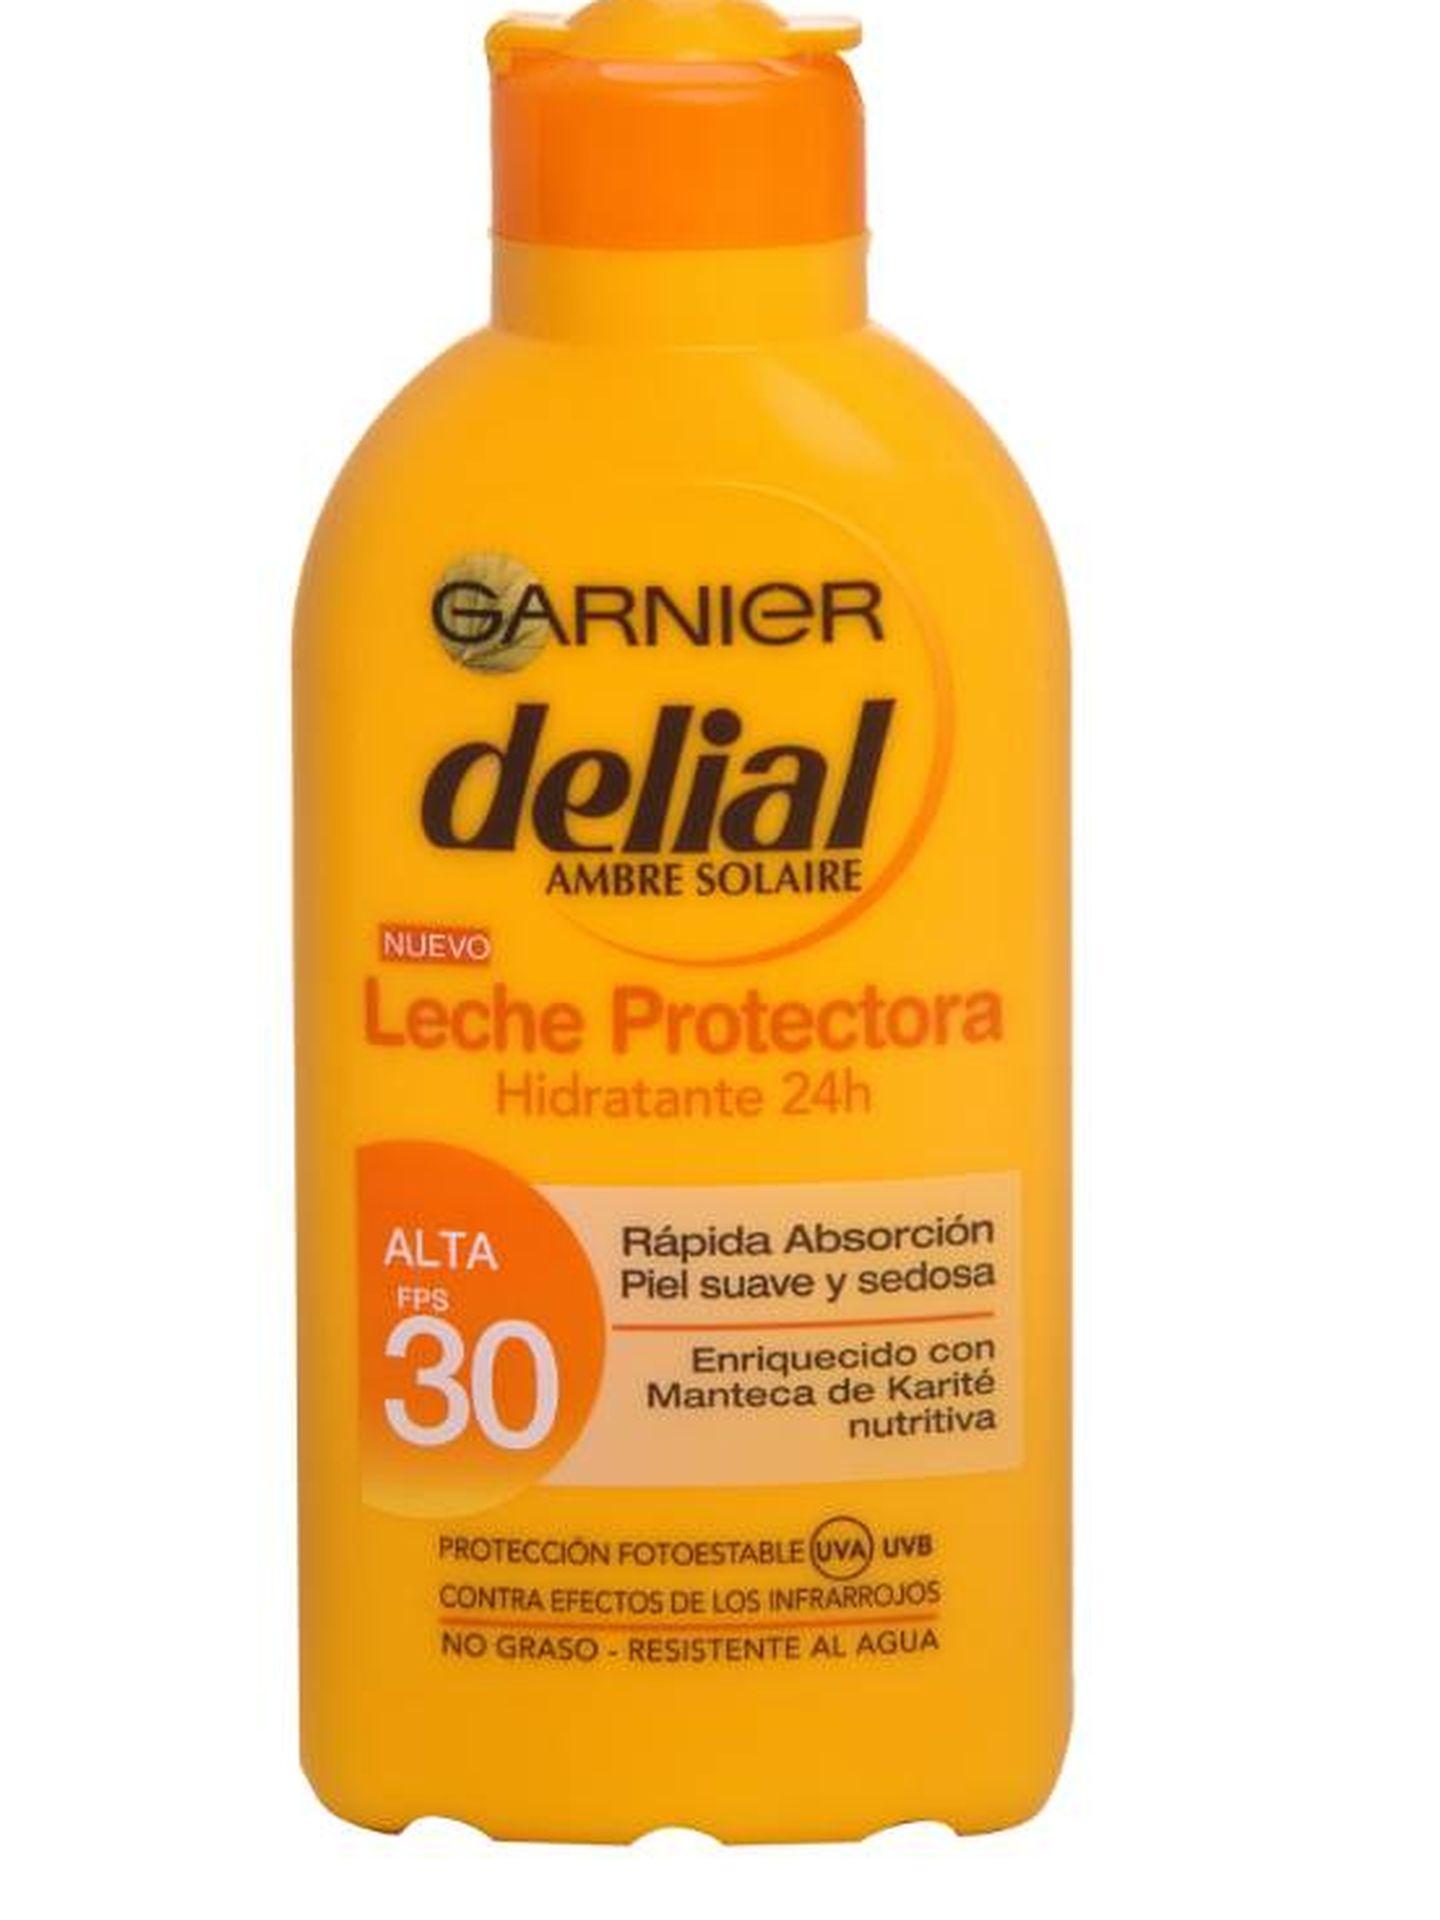 Leche protectora Garnier delial